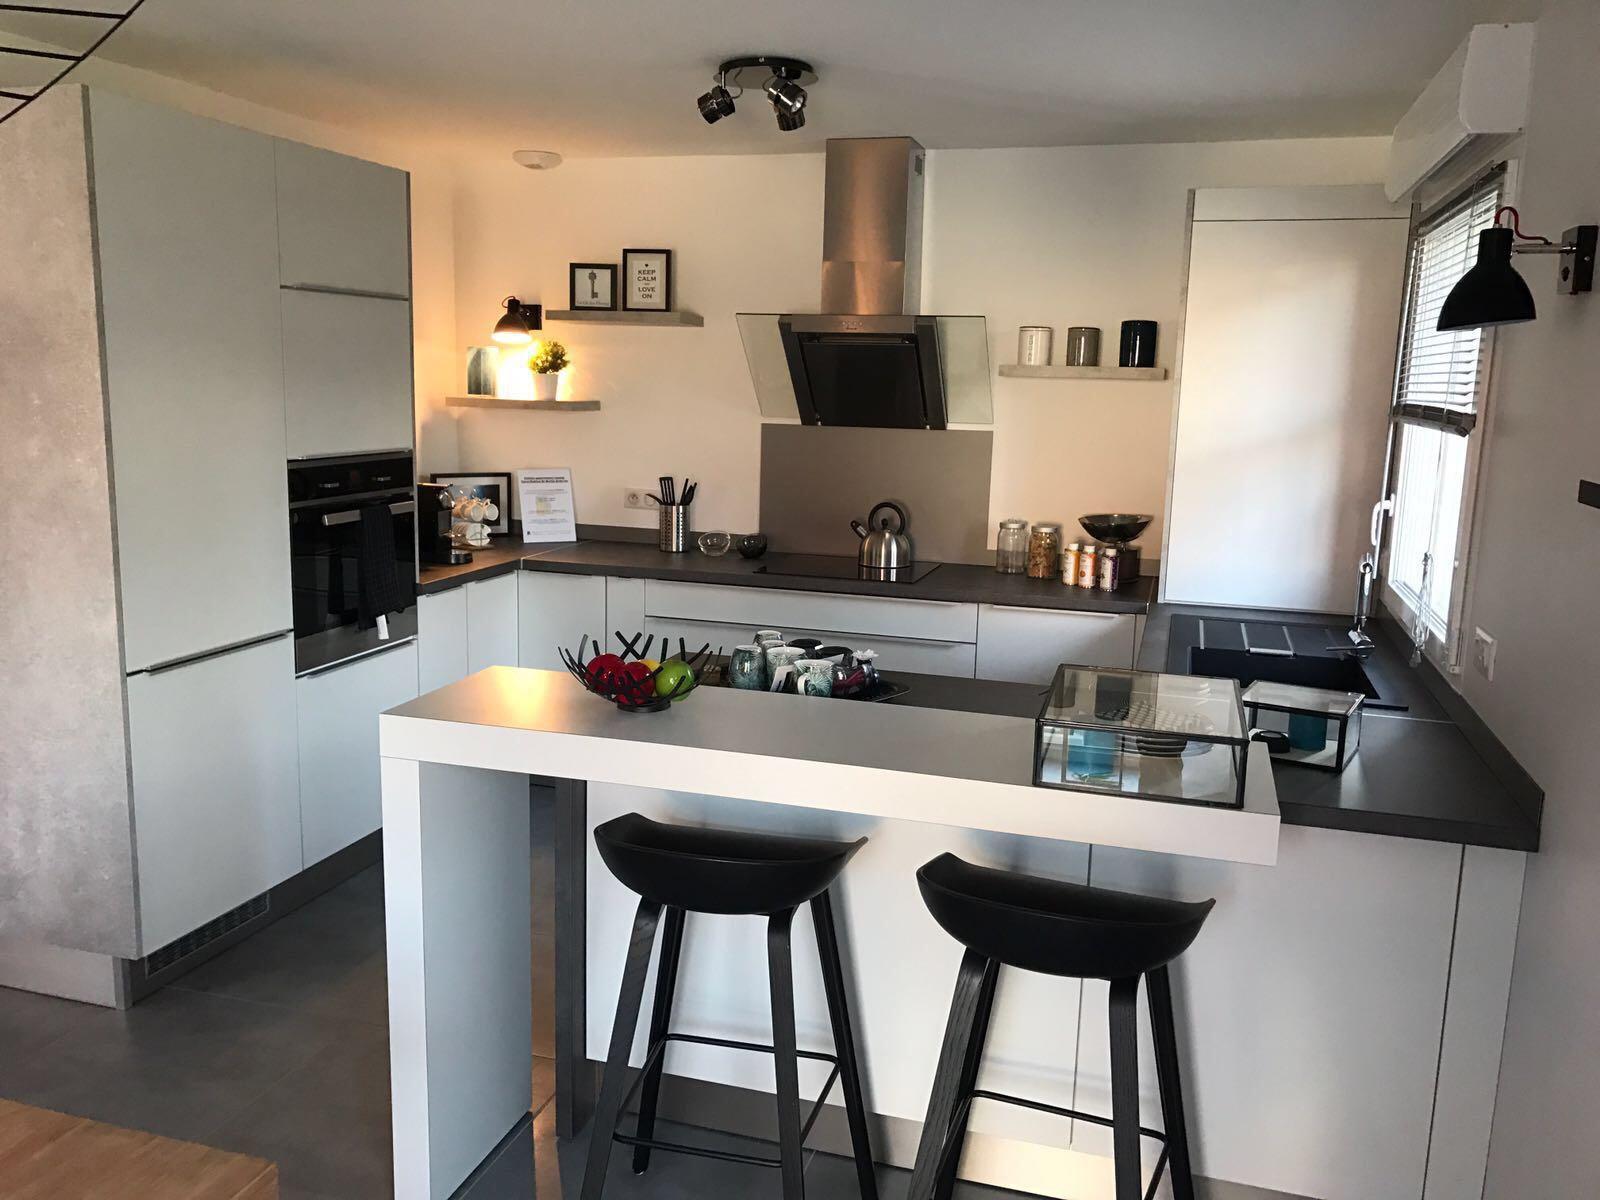 N687 - Maison Jumelée T4 Duplex - Annecy sud